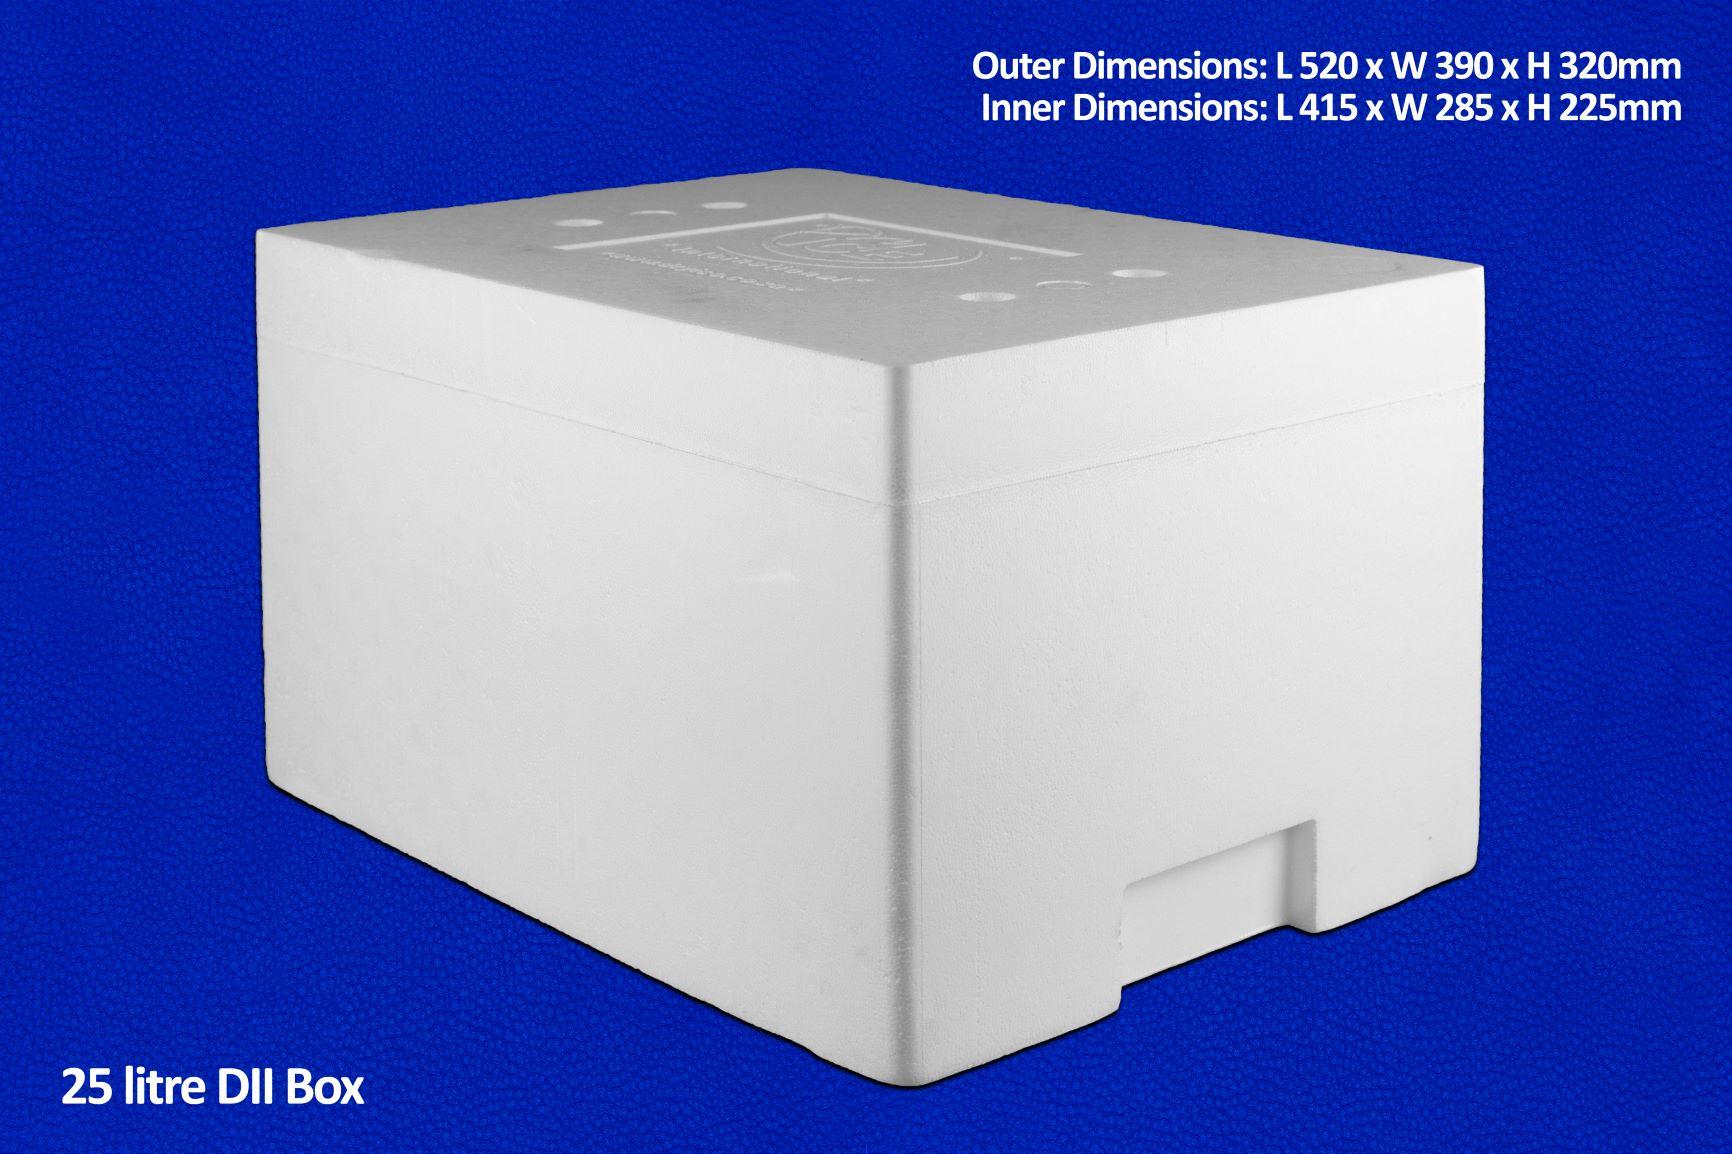 25 Litre Dll Box